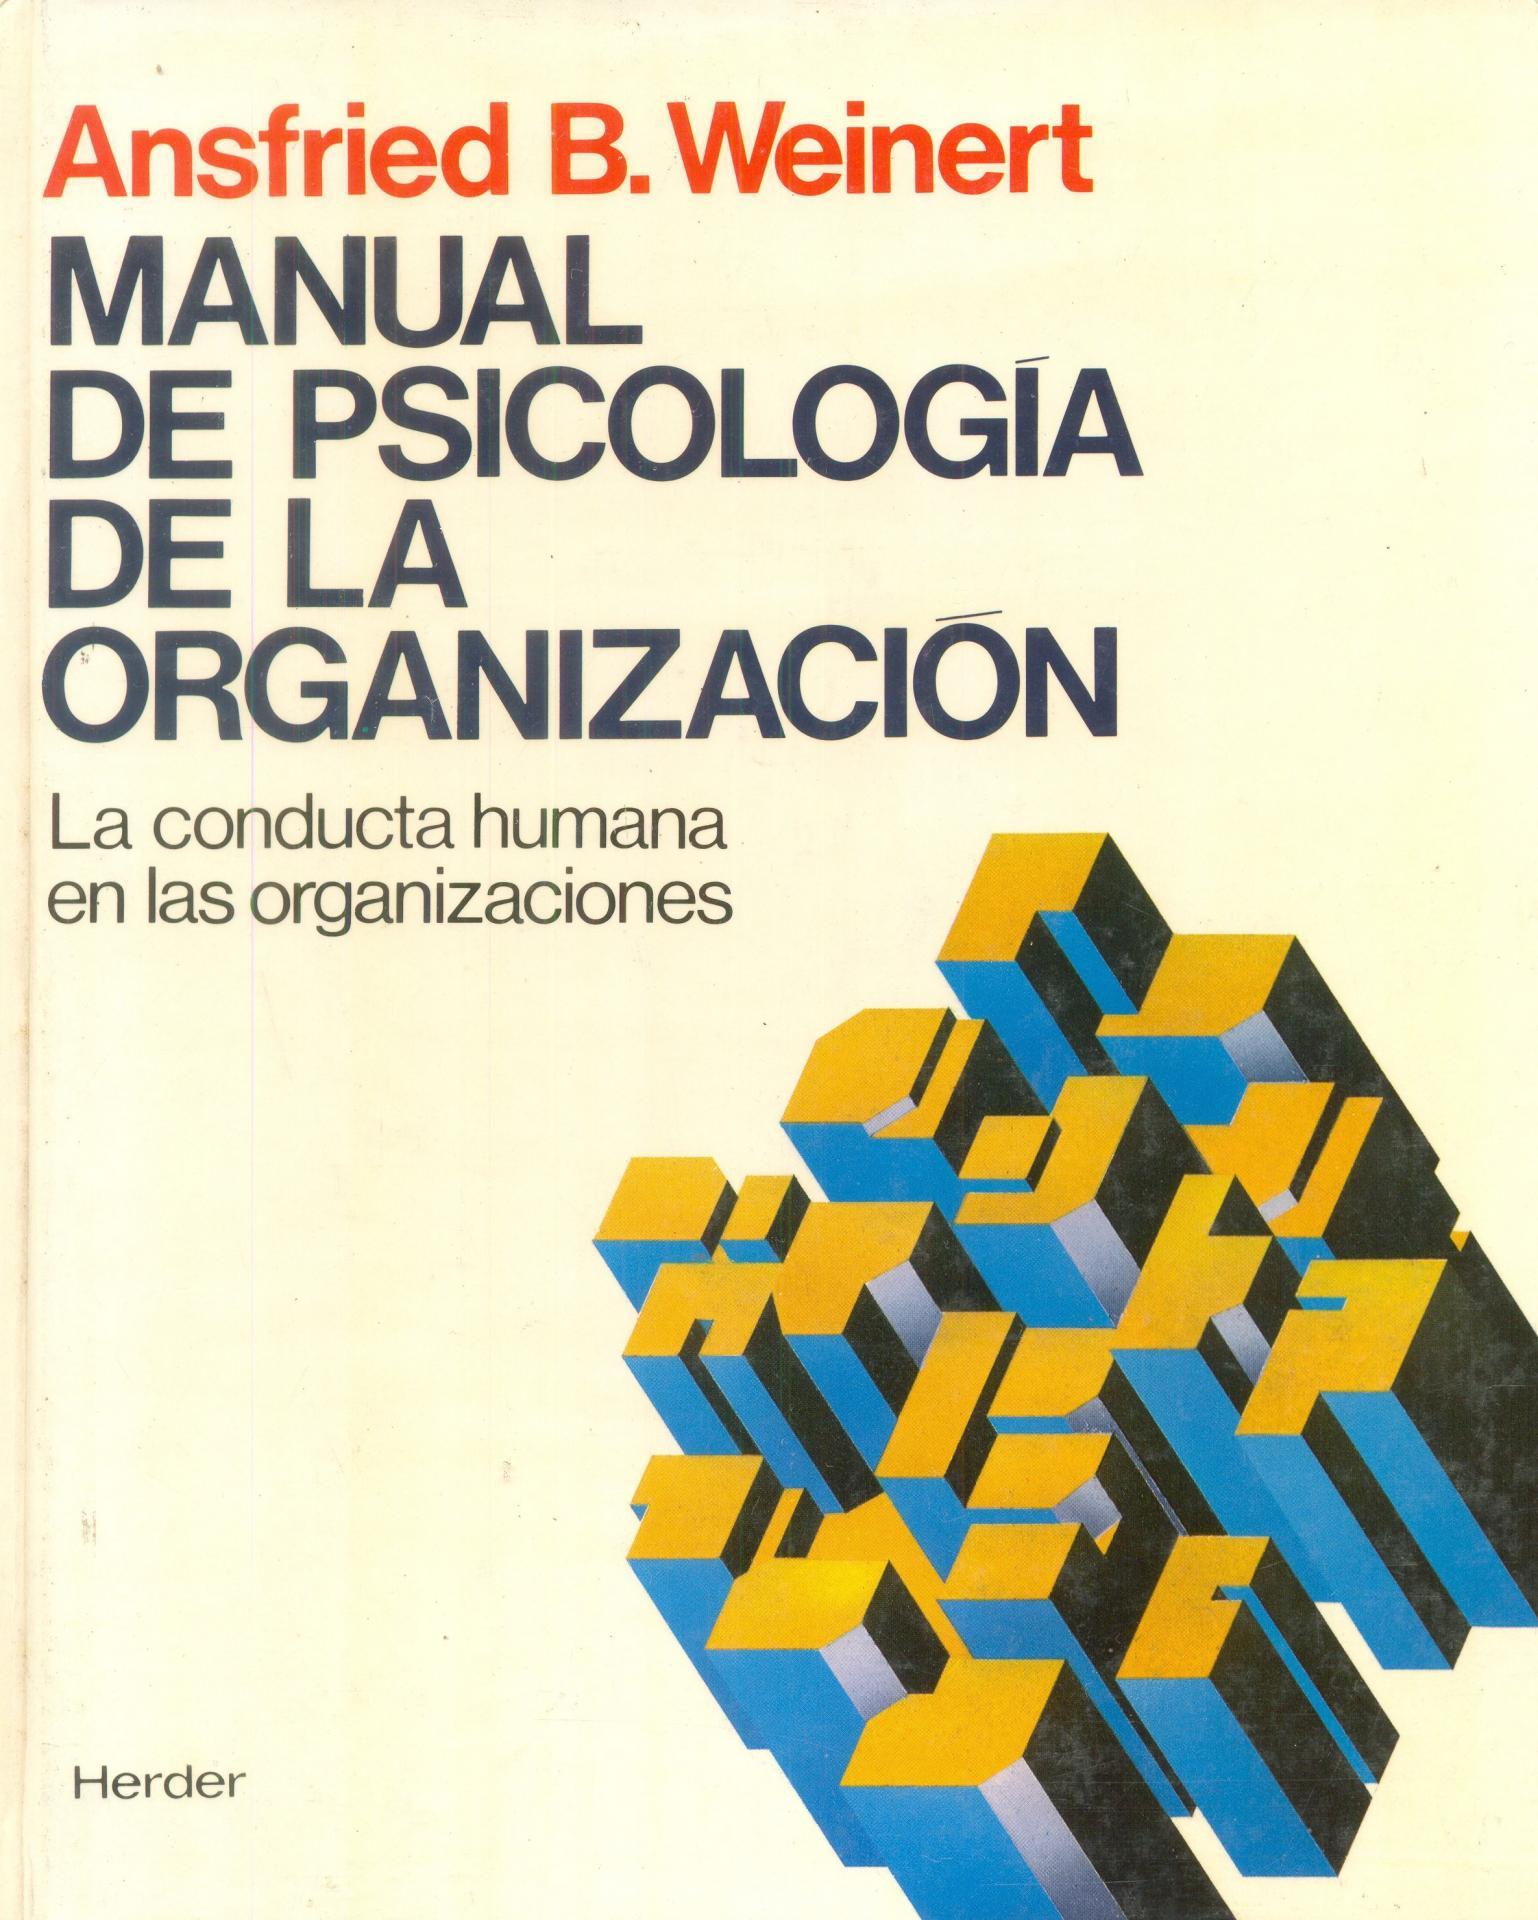 MANUAL DE LA PSICOLOGÍA DE LA ORGANIZACIÓN. La conducta humana en las organizaciones. Weinert, A.